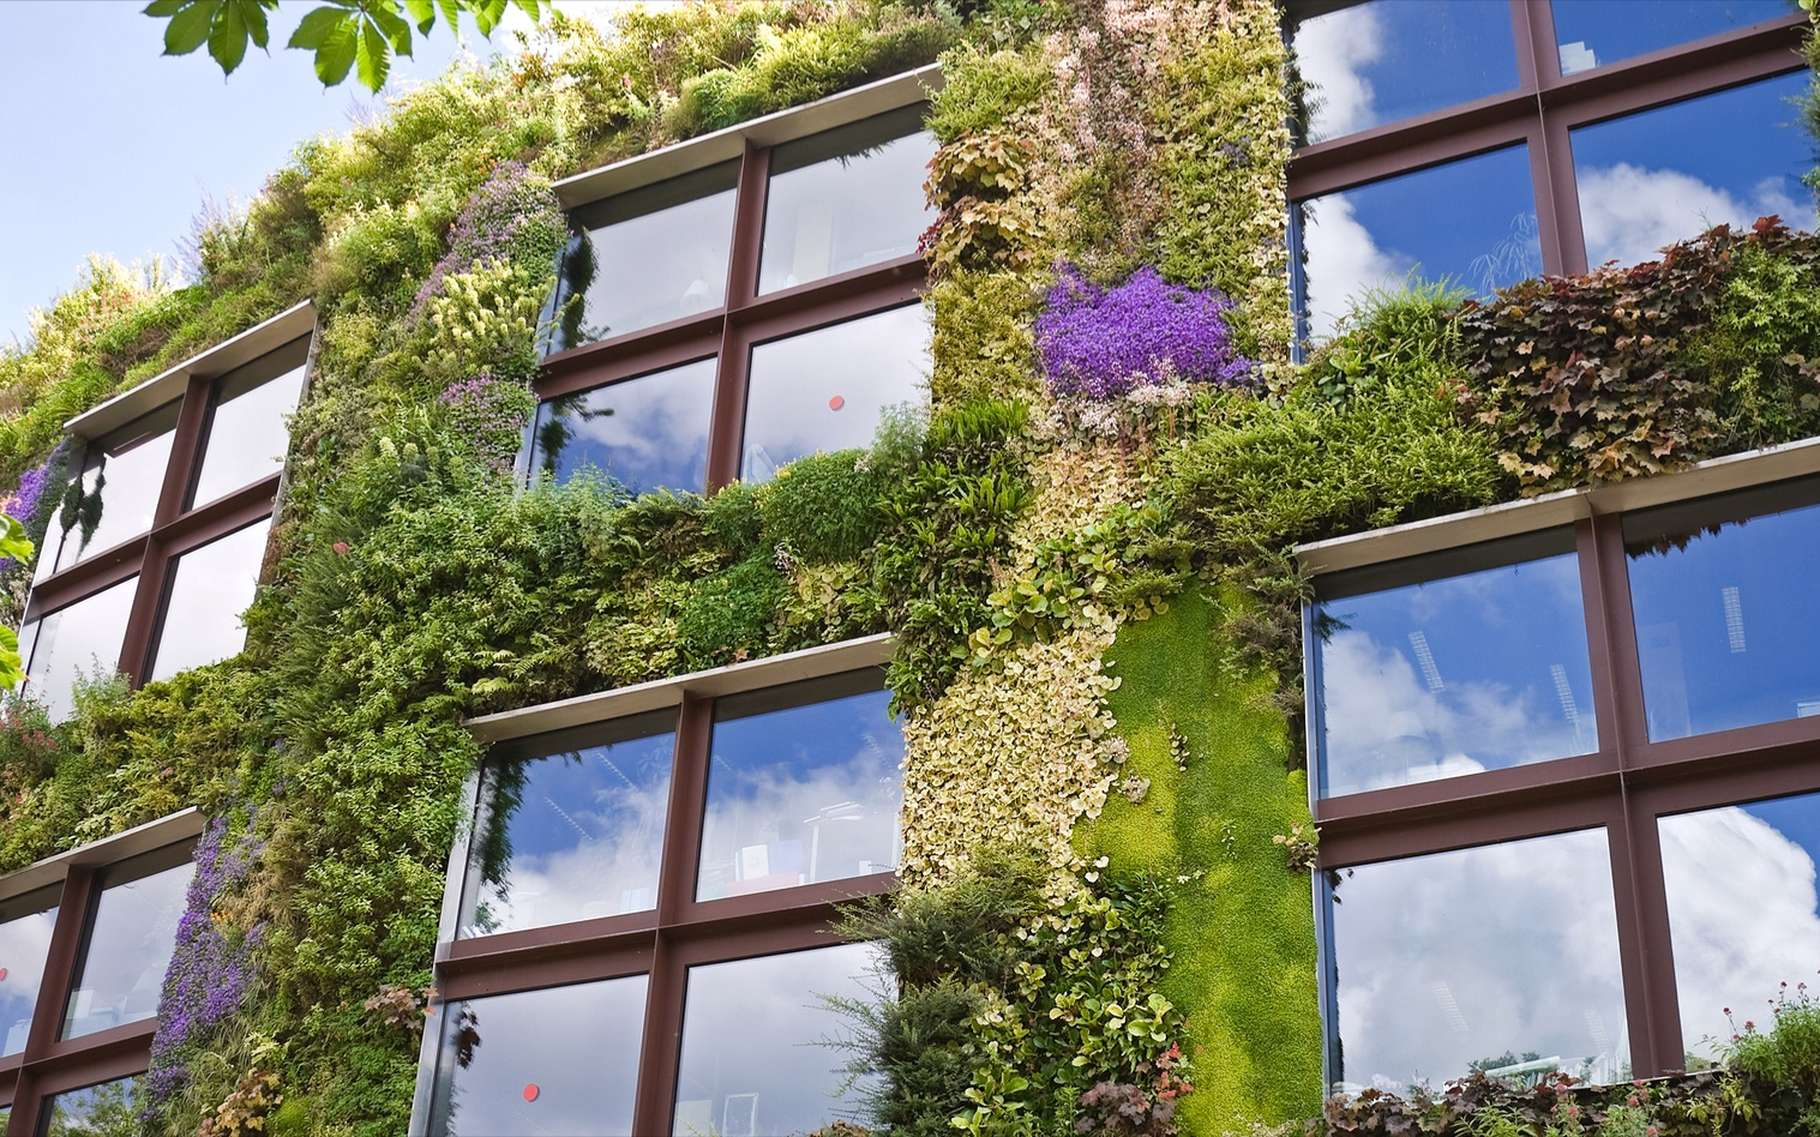 Un mur végétal extérieur n'est pas qu'esthétique, il favorise la biodiversité, limite la chaleur intérieure et absorbe du CO2. © Eugene Sergeev, Shutterstock